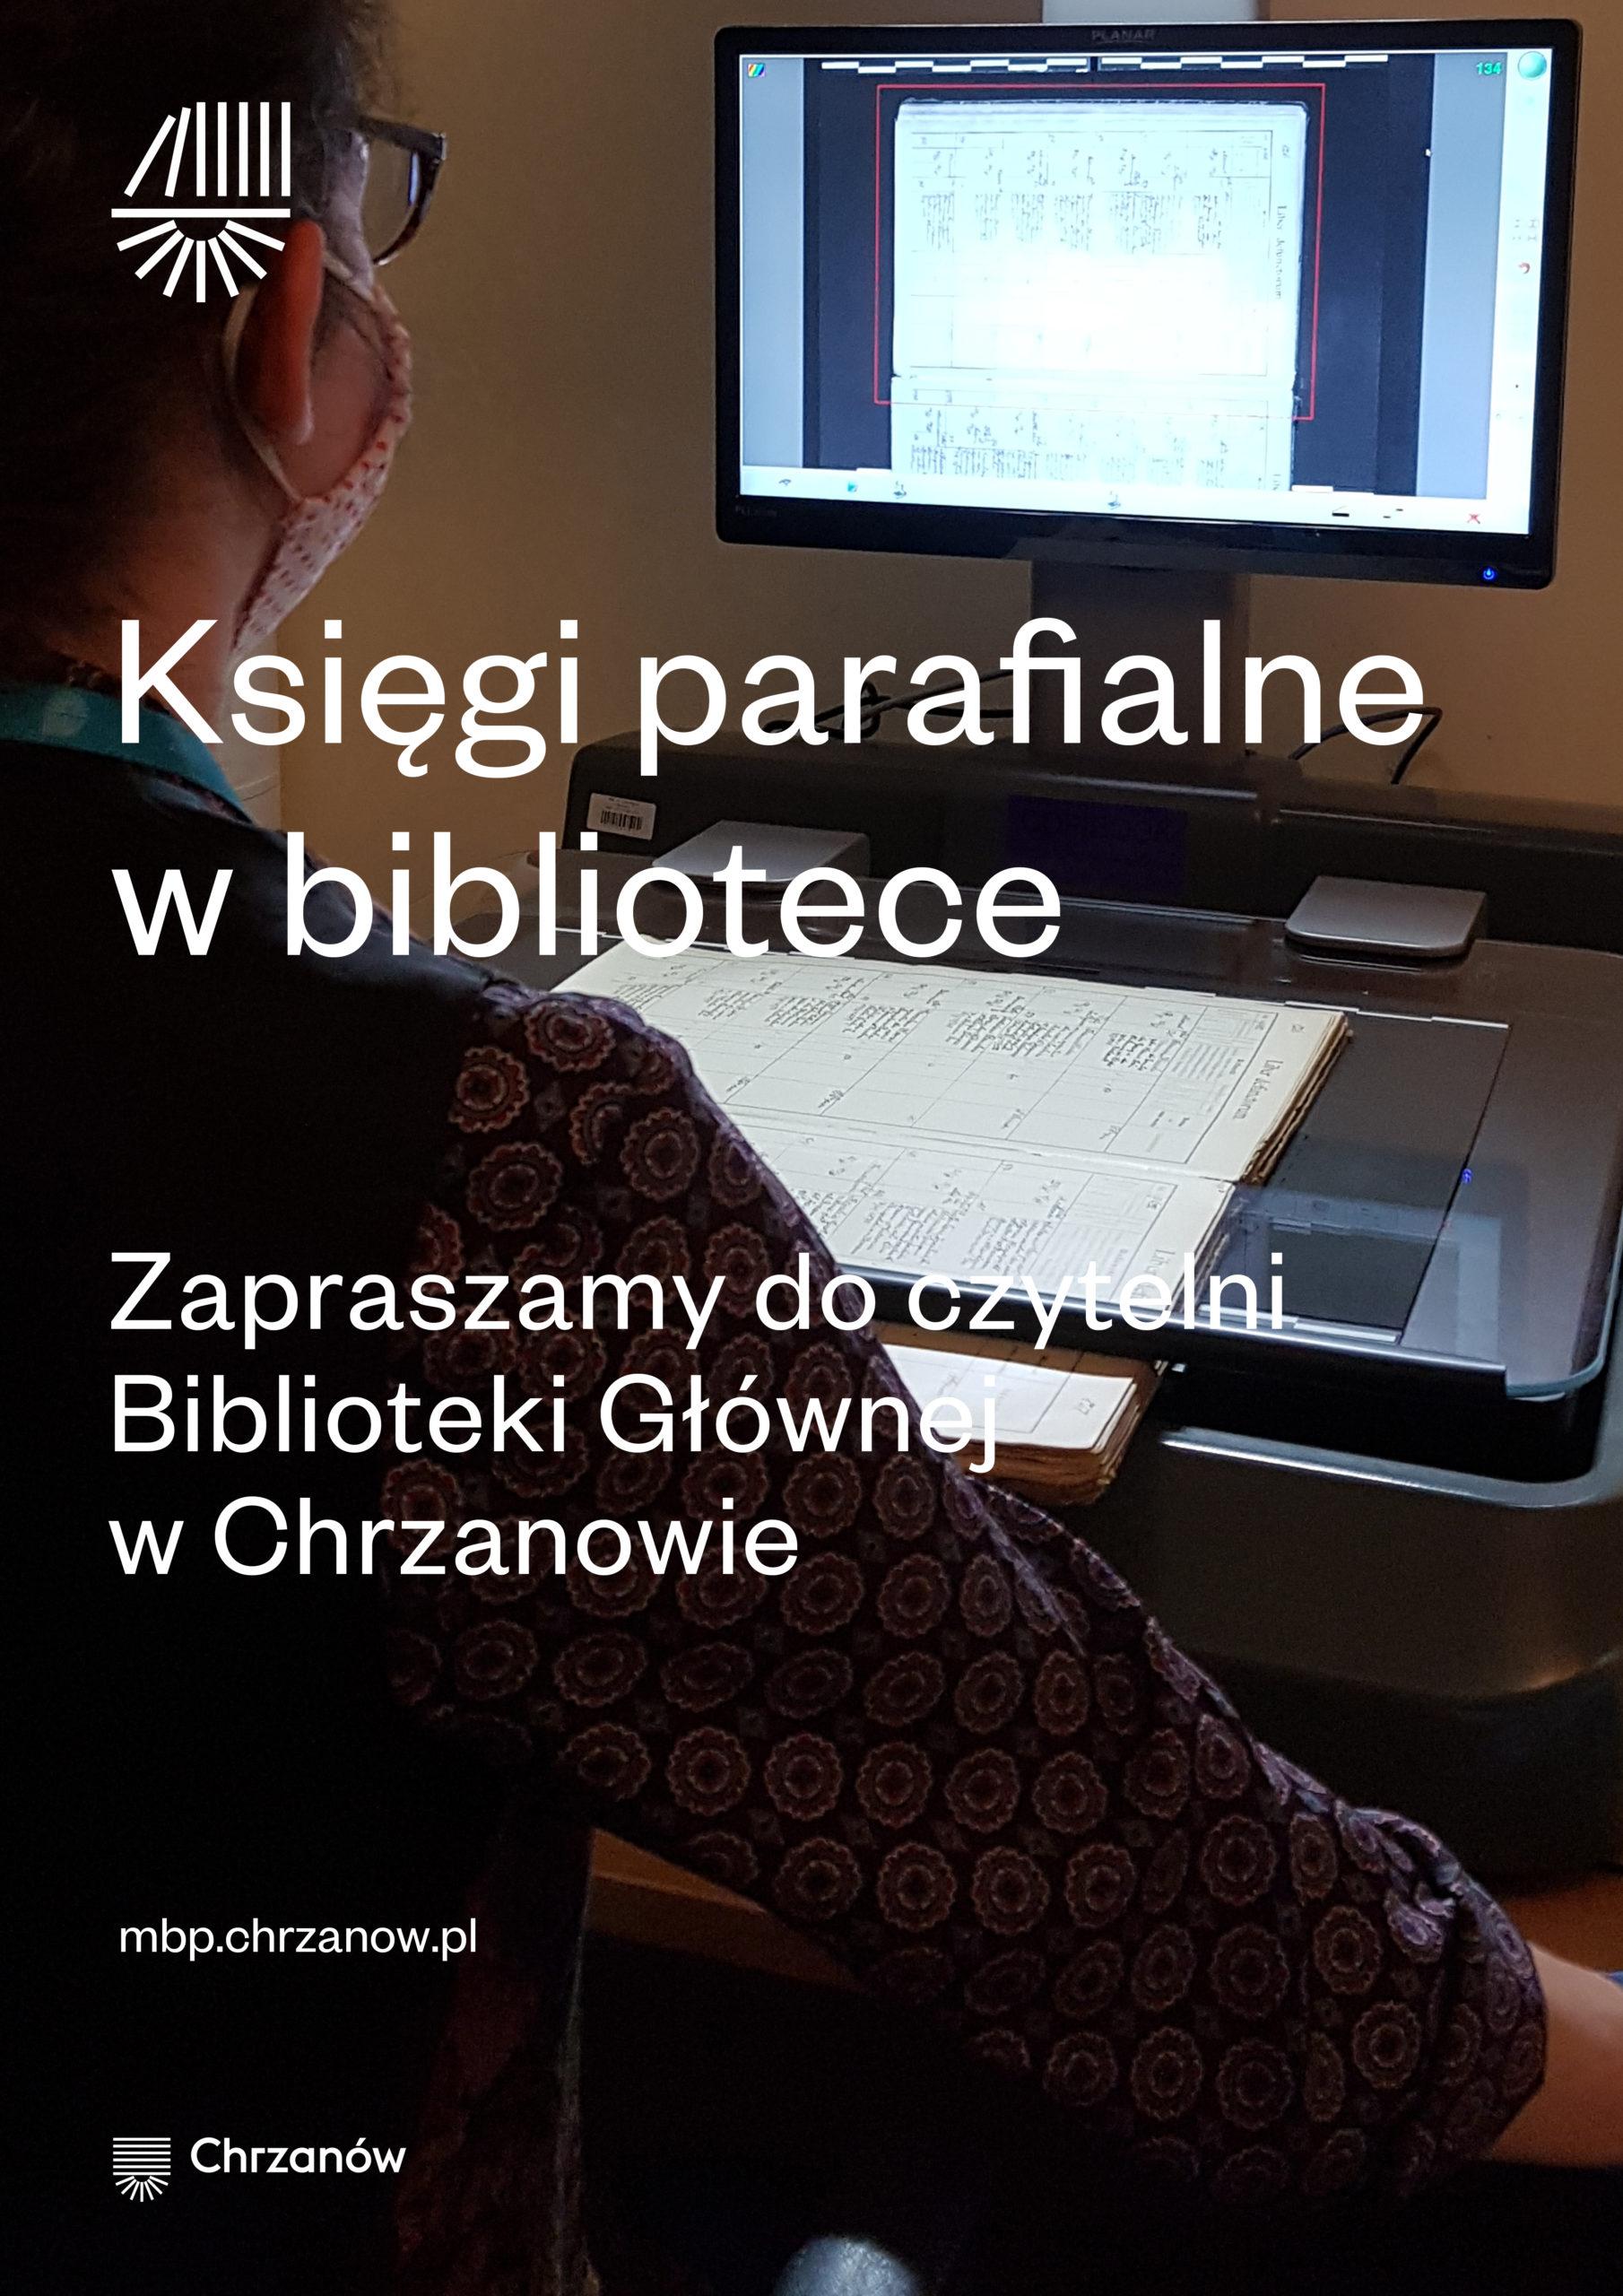 Plakat informujący o stanowisku do przeglądania ksiąg parafialnych, które znajduje się w czytelni Biblioteki Głównej